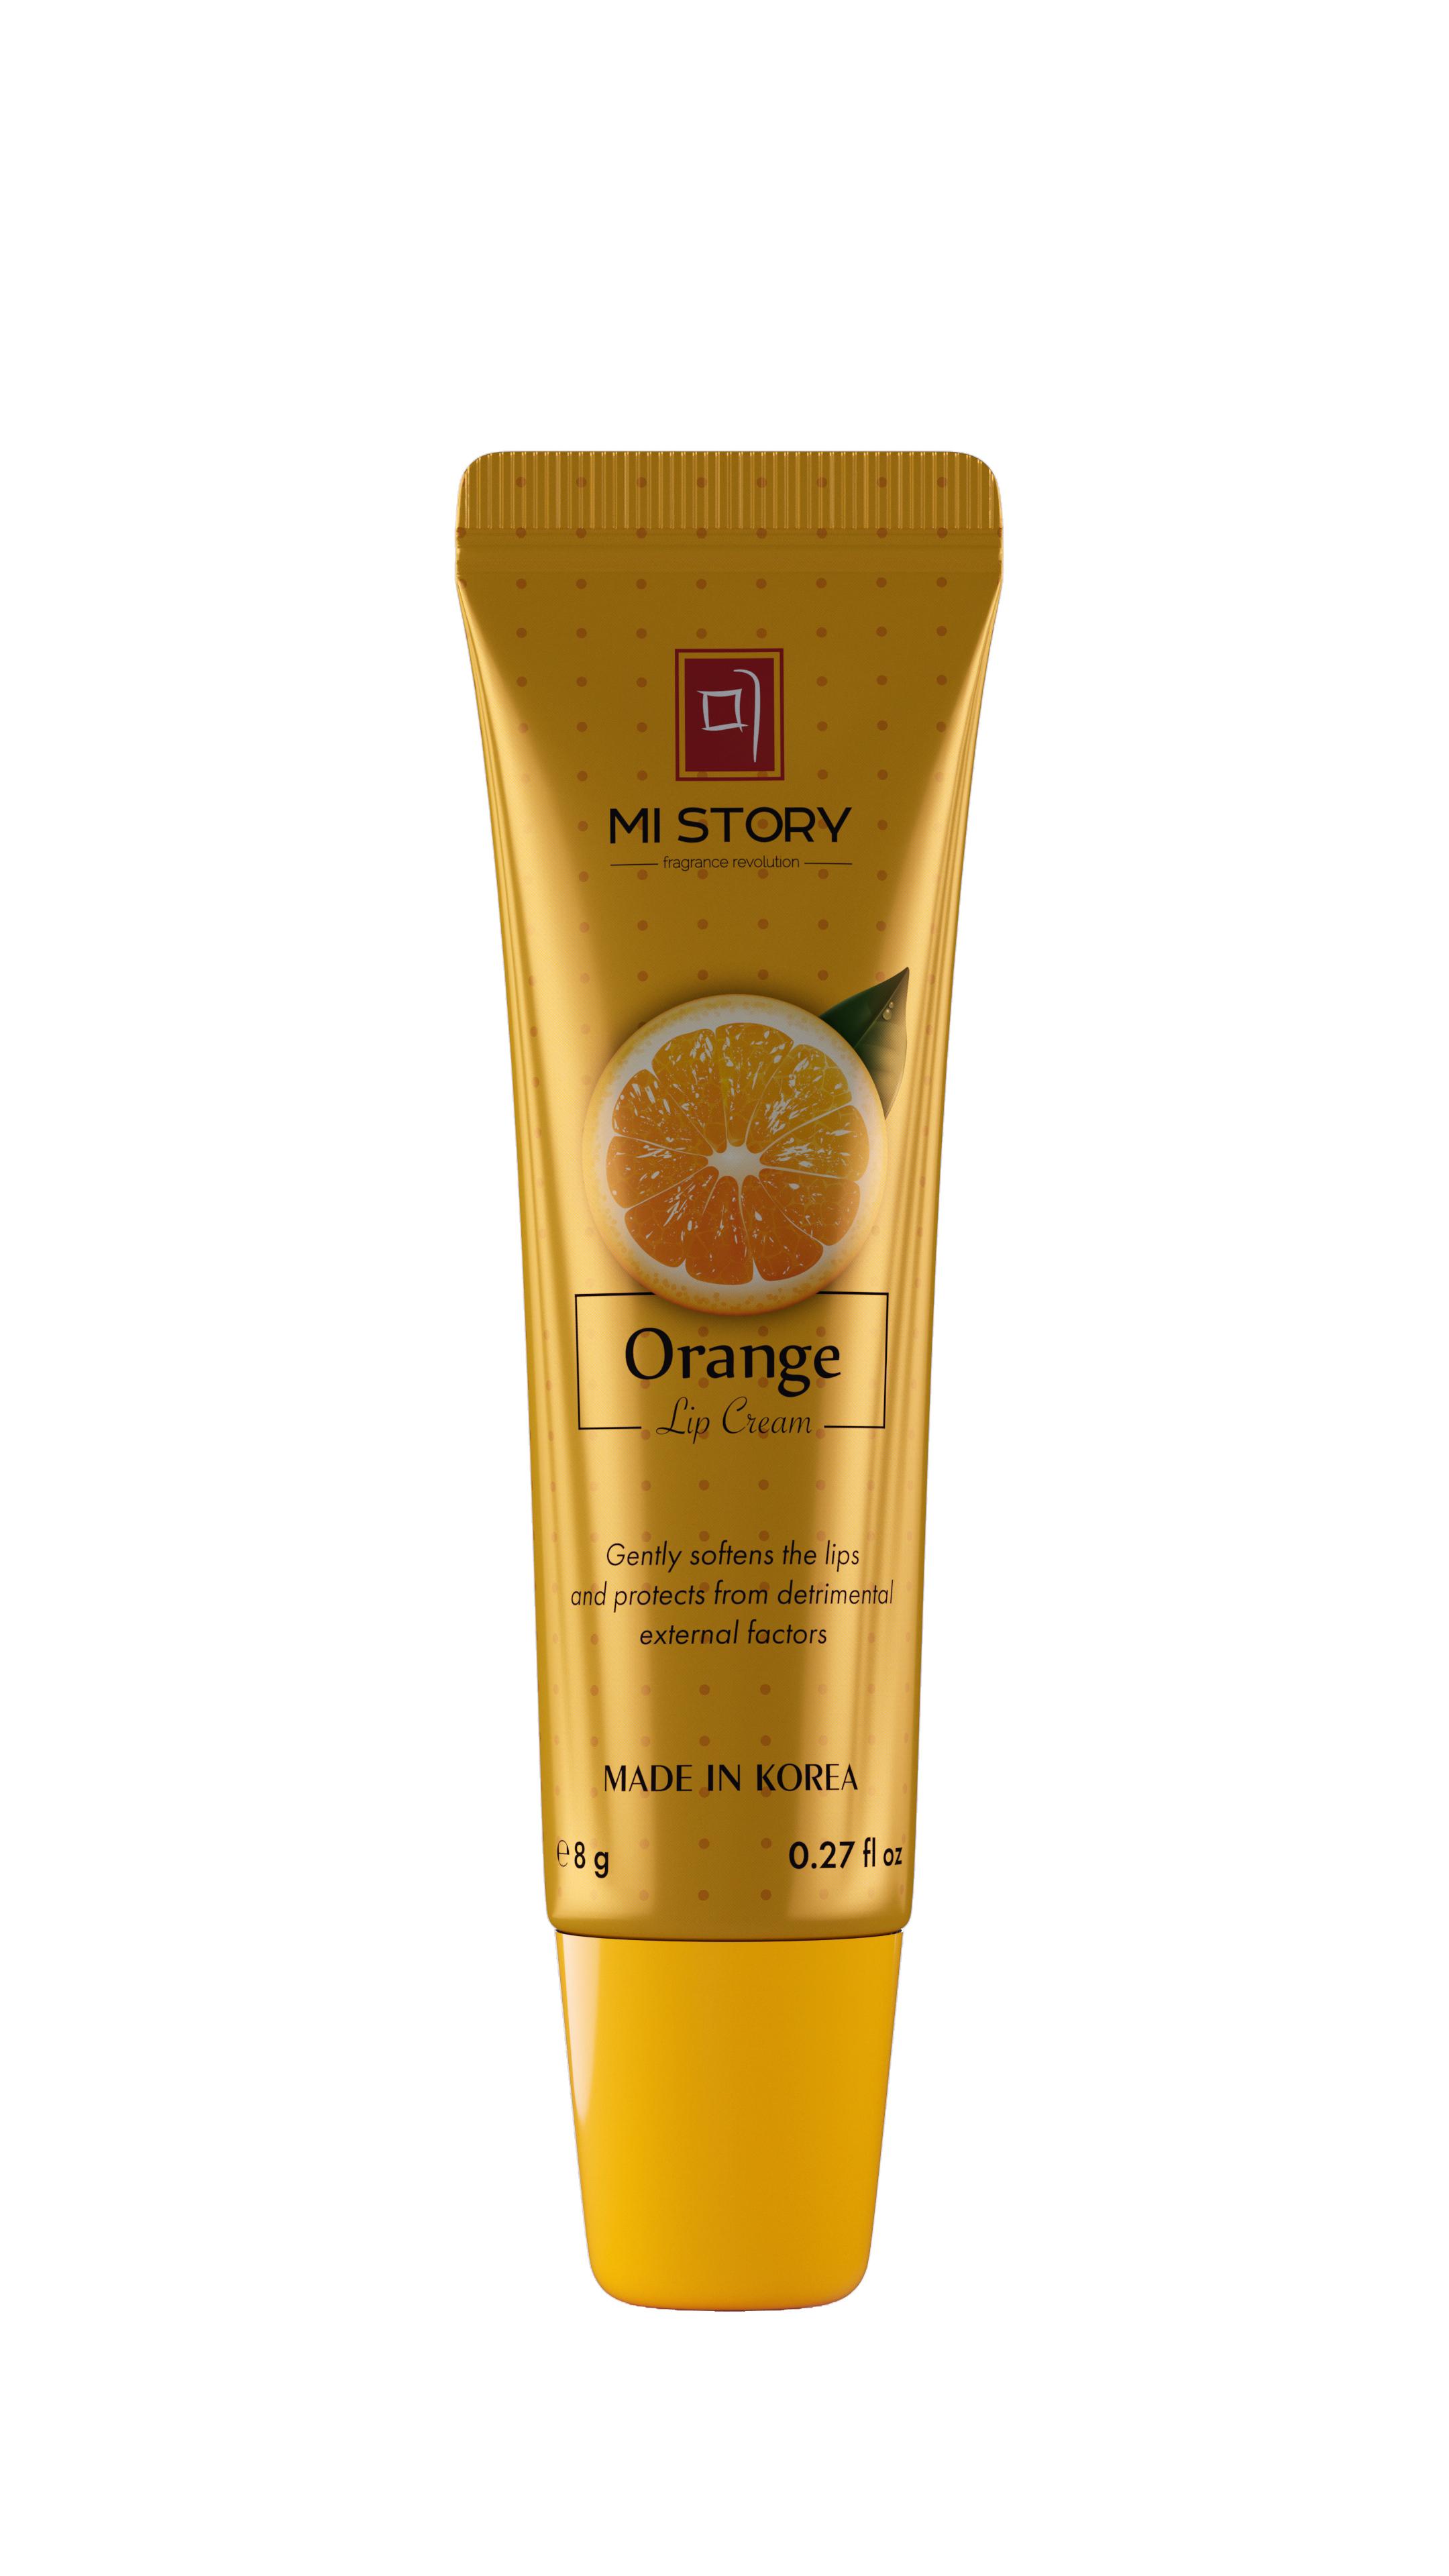 NOLLAM LAB Крем для губ / Mi Story Orange 8 мл high quality folium eriobotryae extract loquat leaf p e